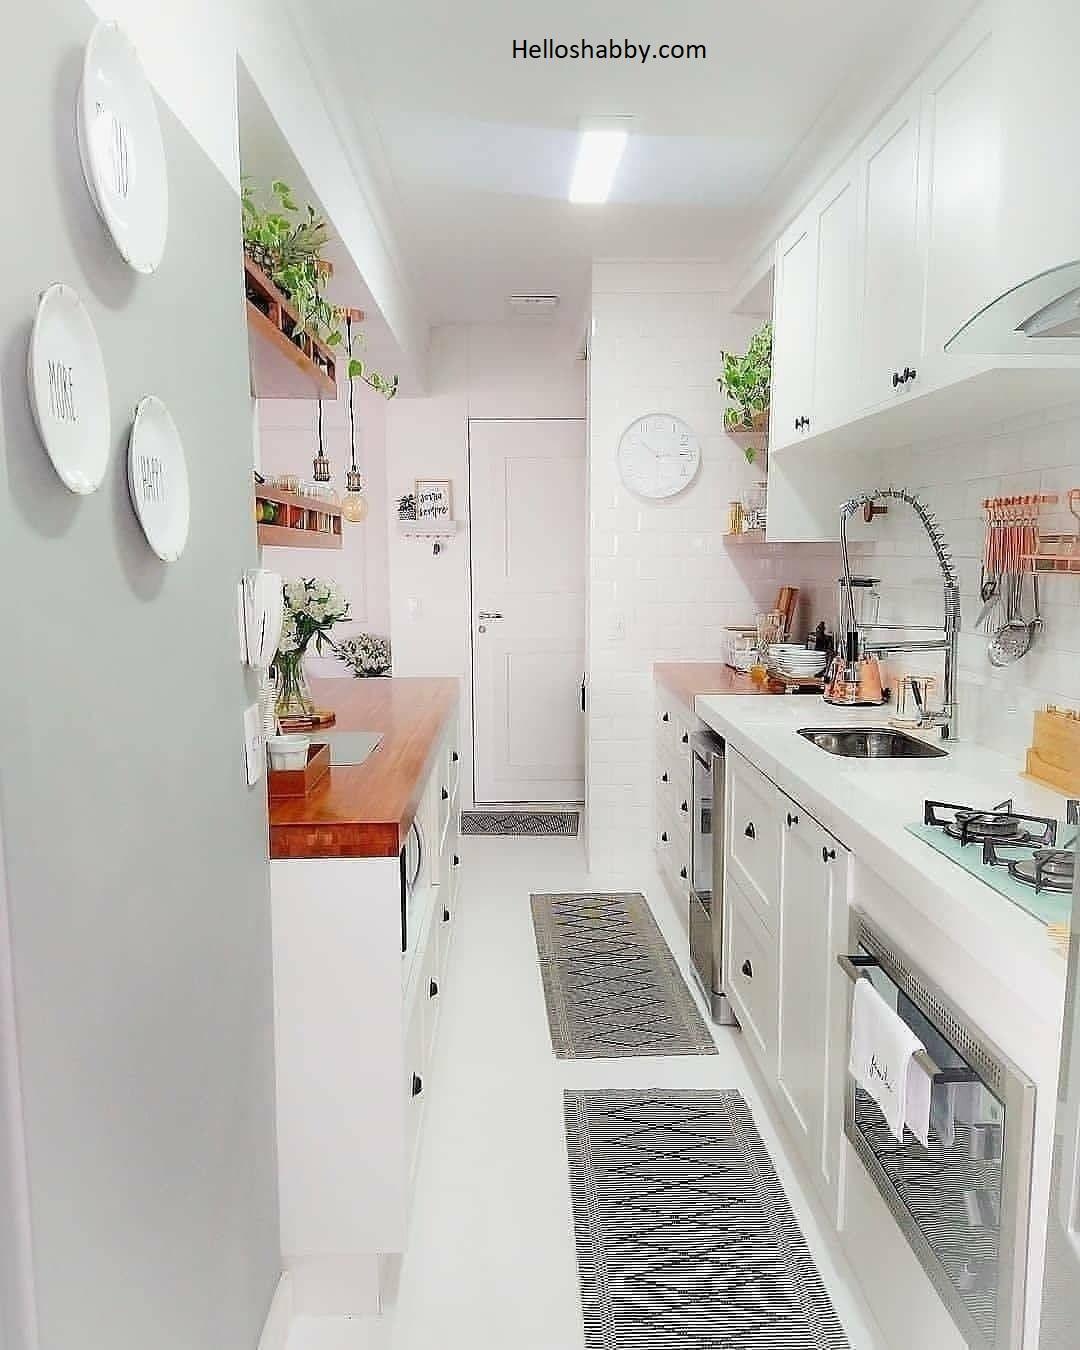 Renovasi Dapur Kecil Inilah 6 Desain Dapur Minimalis Modern Yang Lagi Populer Helloshabby Com Interior And Exterior Solutions